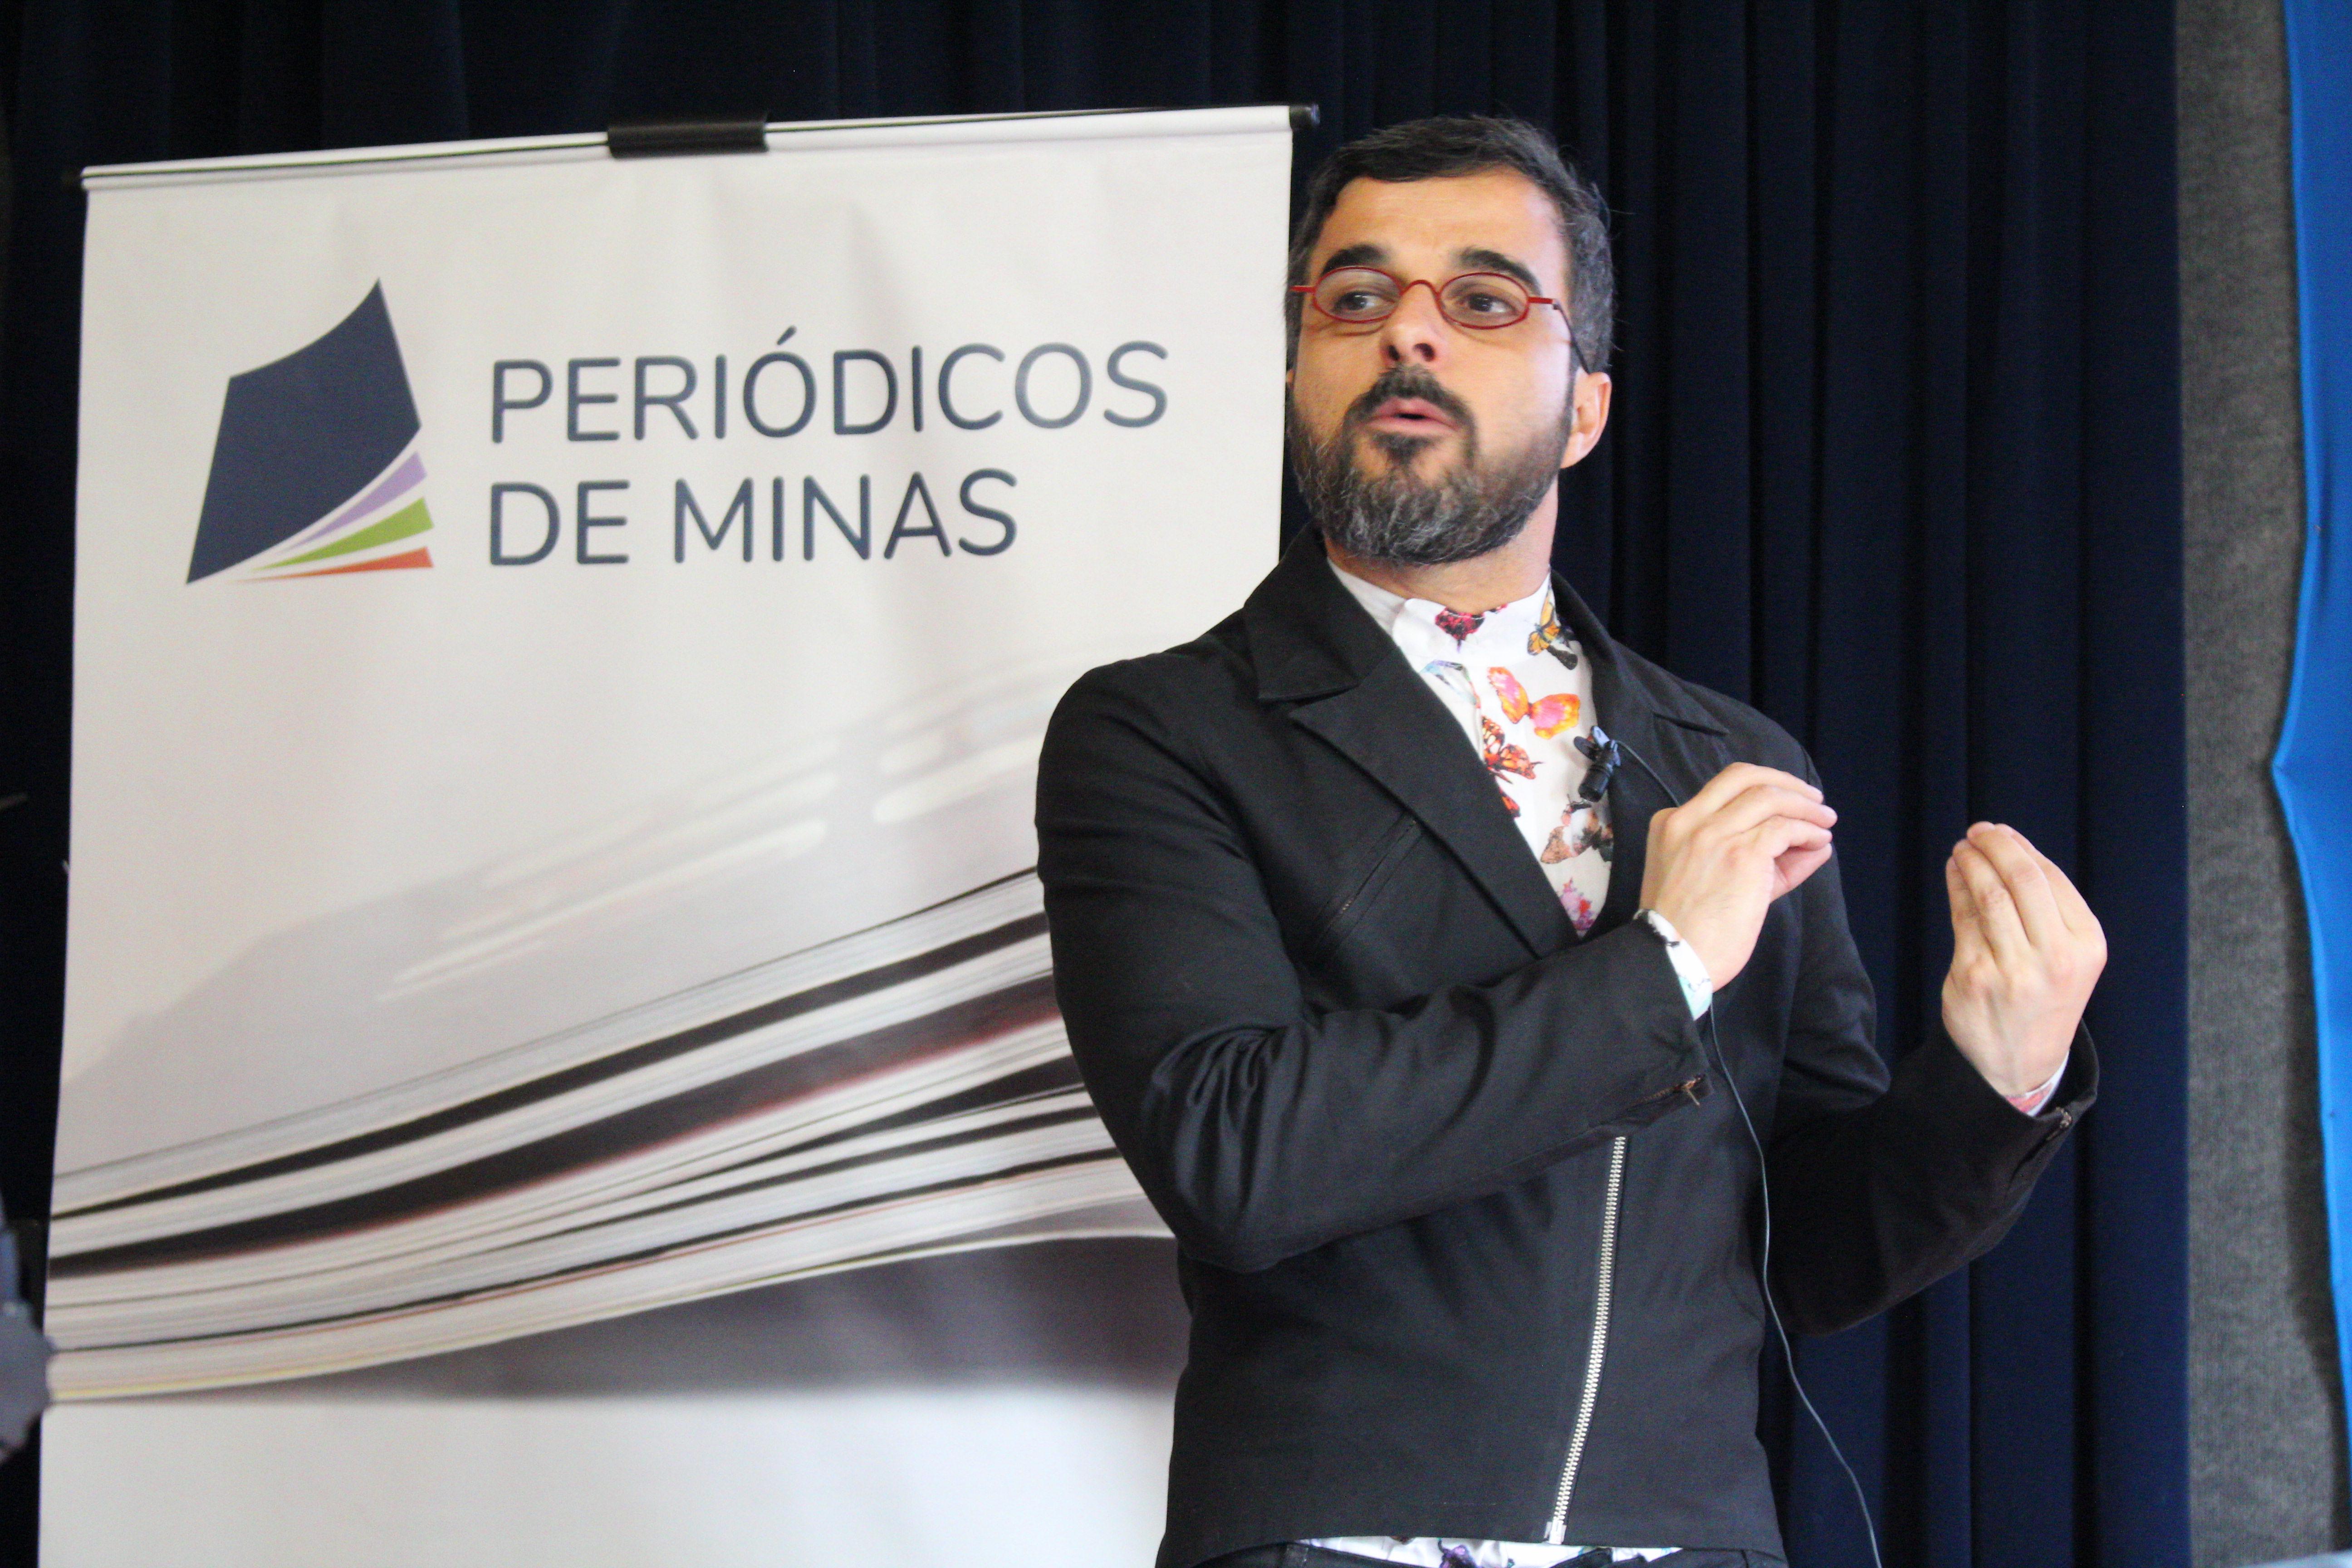 André Serradas Apresenta Dados Expressivos Sobre Portais Institucionais De Periódicos